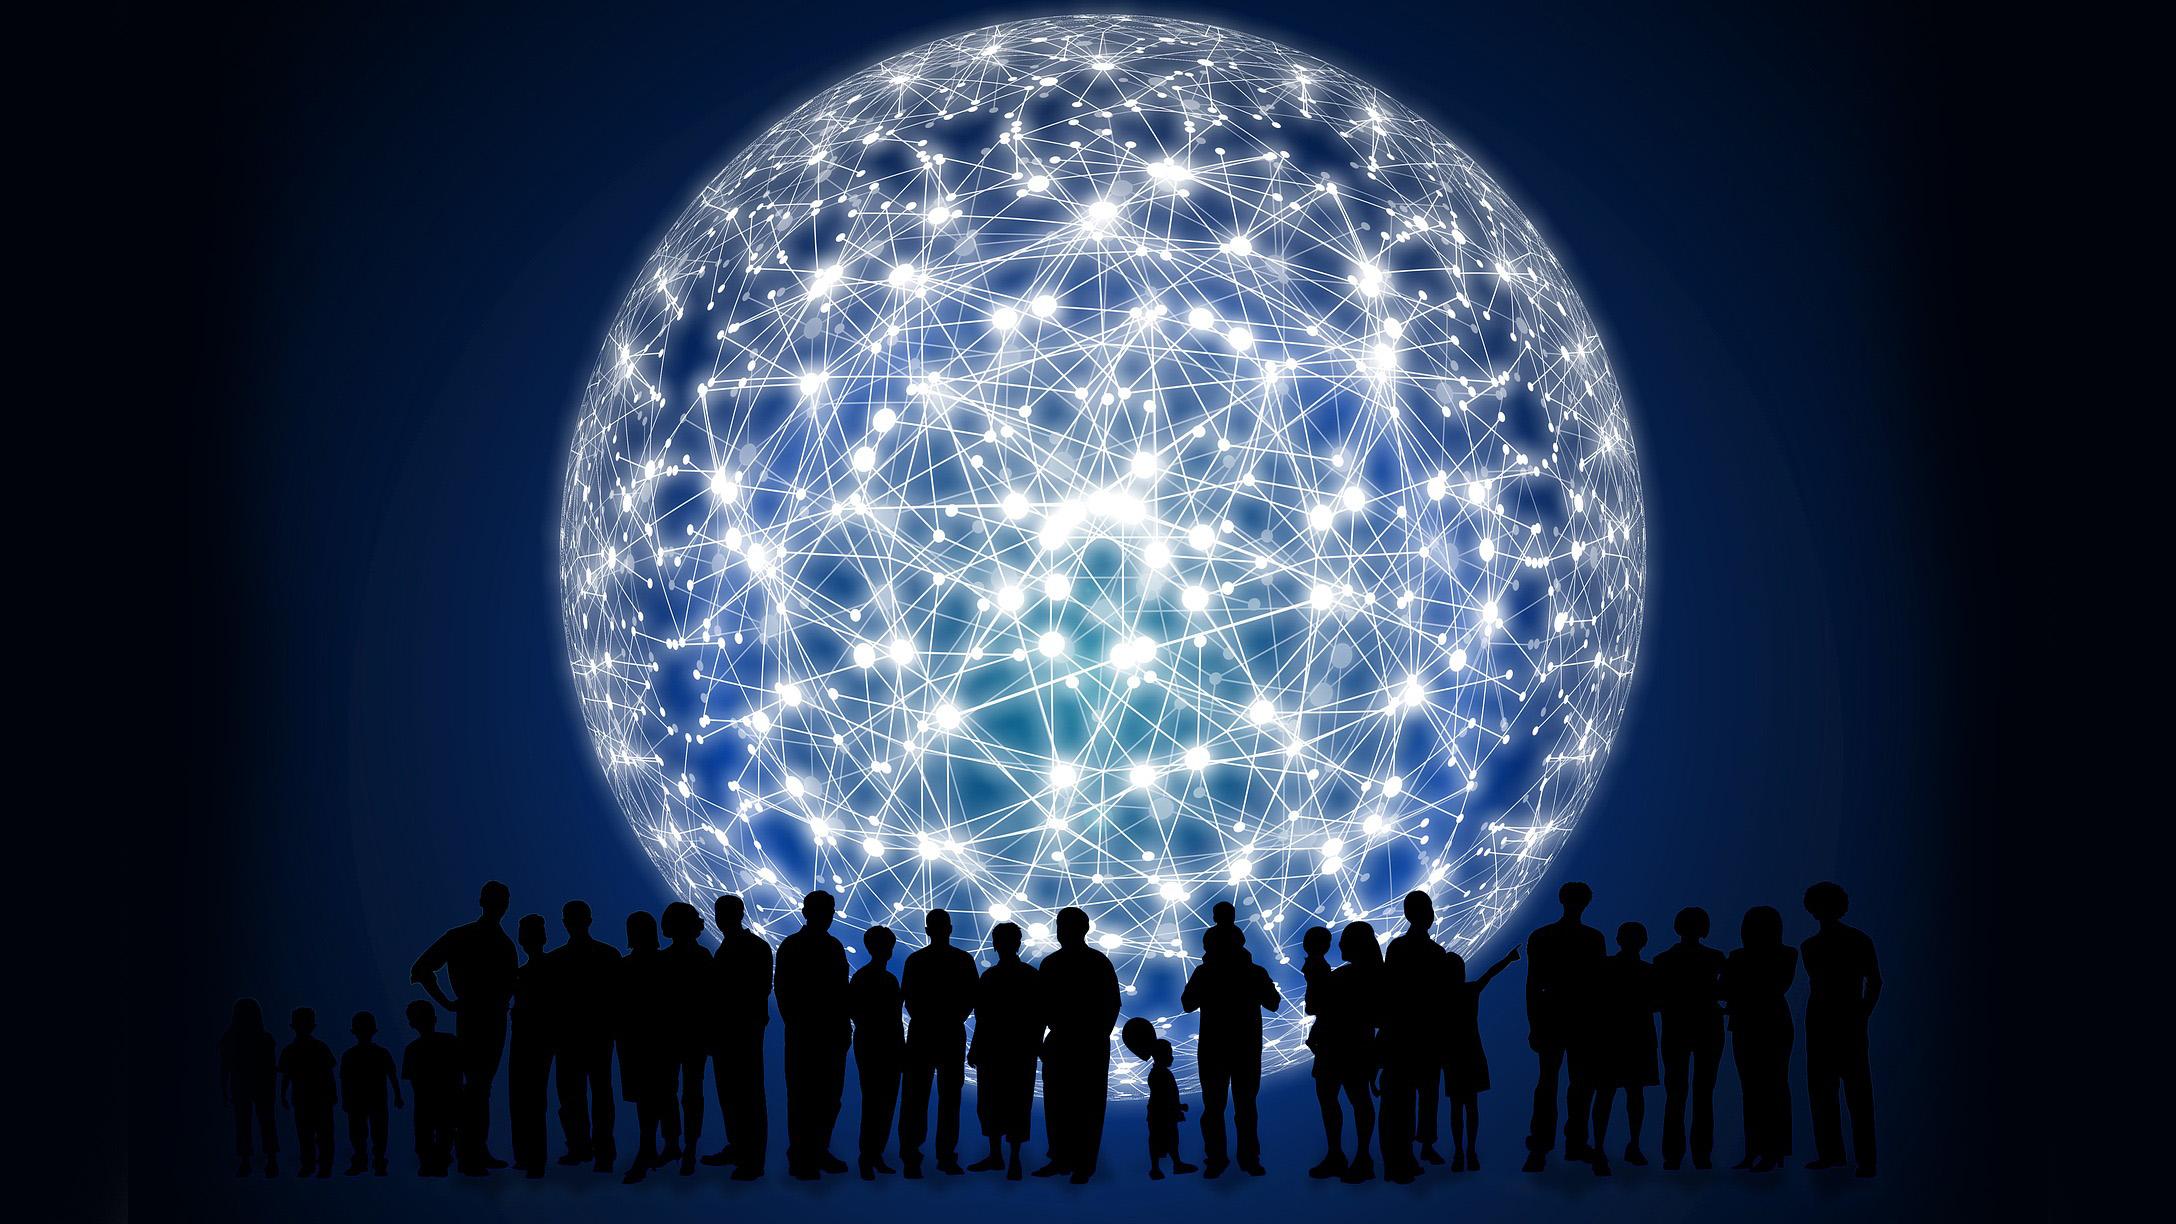 Une rangée de silhouettes humaines devant une géante sphère représentant des réseaux de connexions.